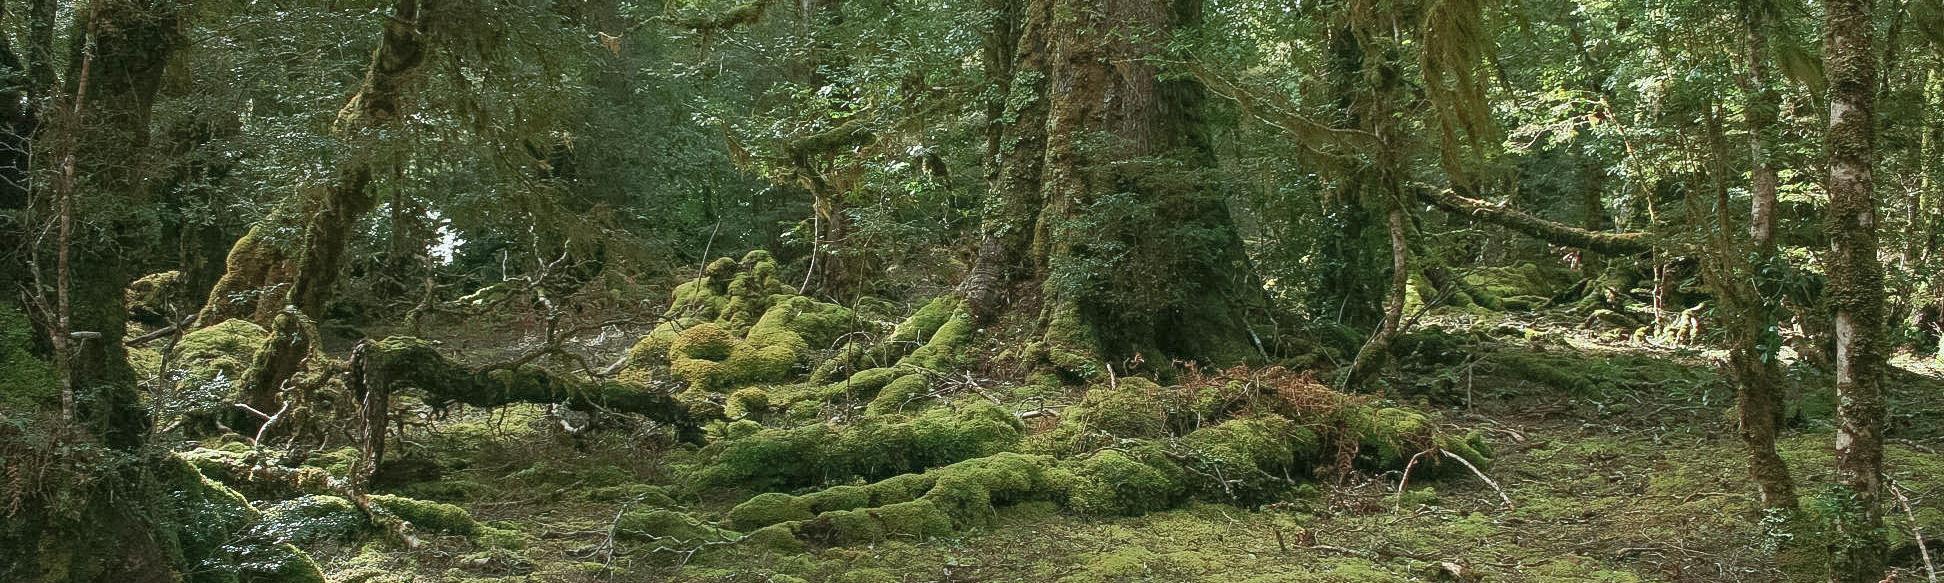 Rainforest trees in the Rattler Range